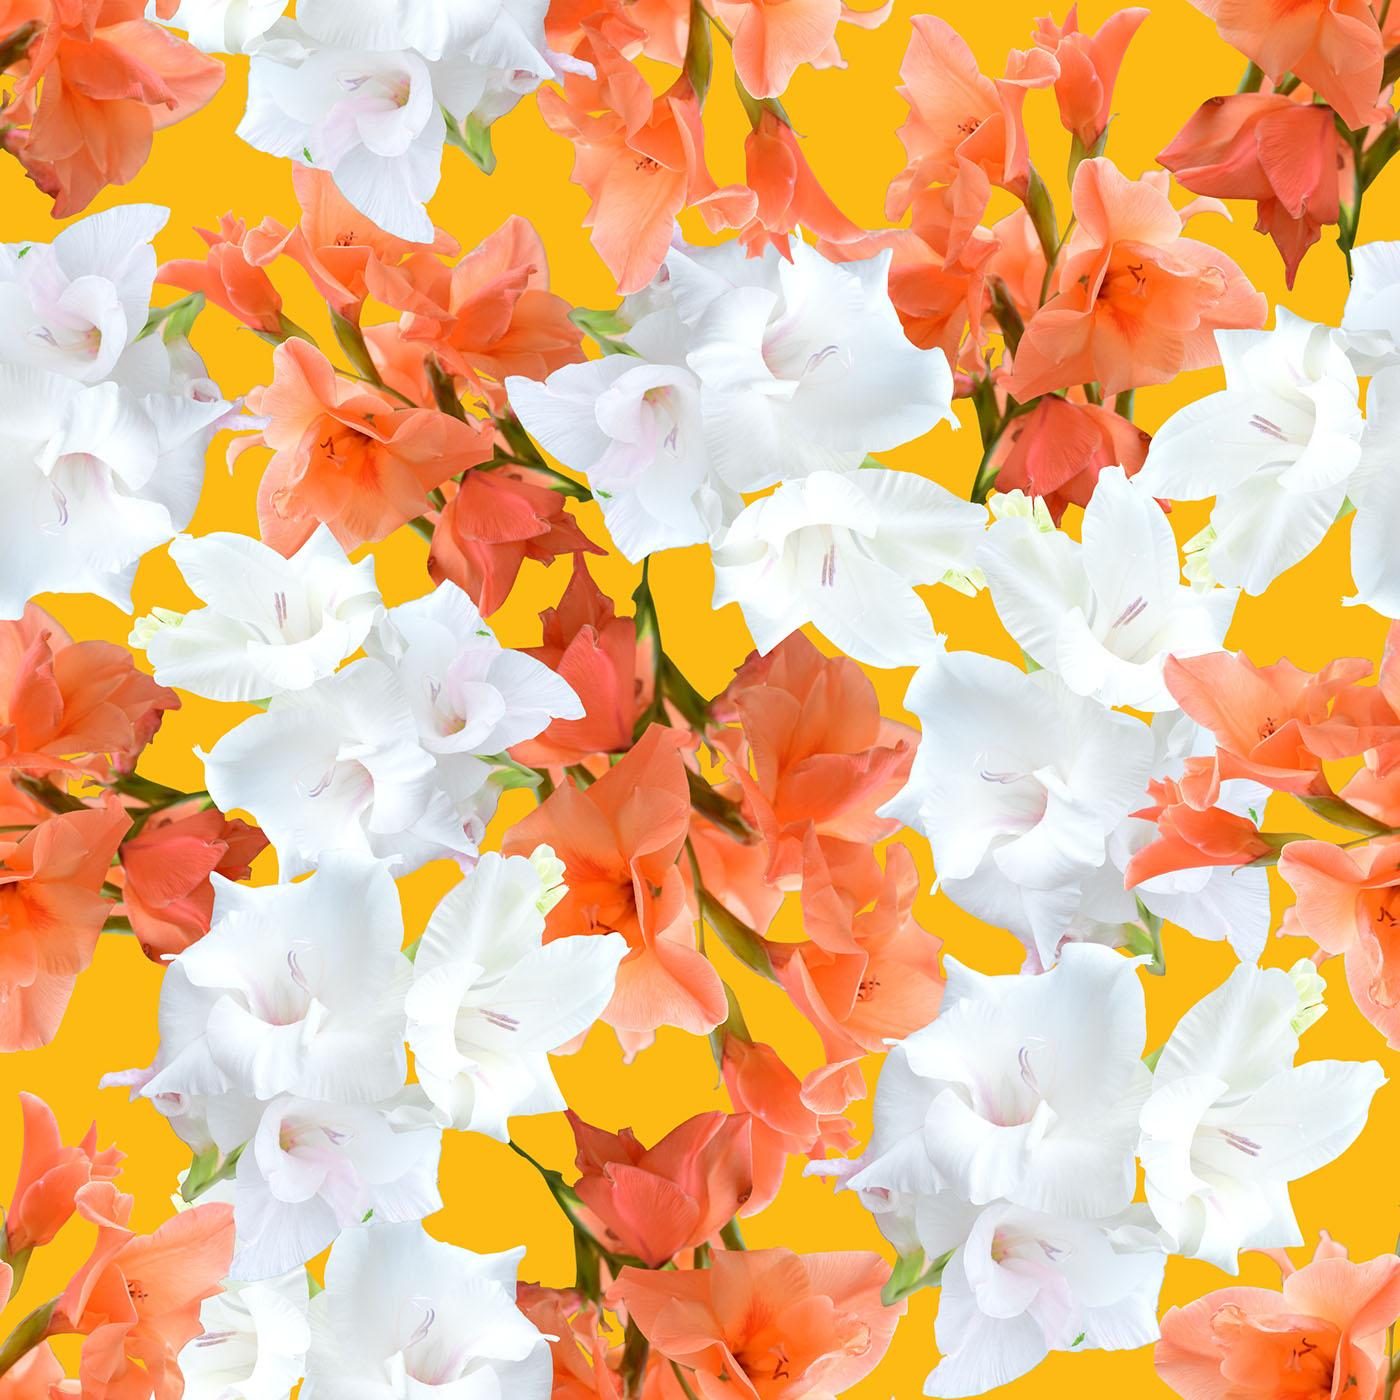 Peach white gladiolus flower pattern on behance peach white gladiolus flower pattern mightylinksfo